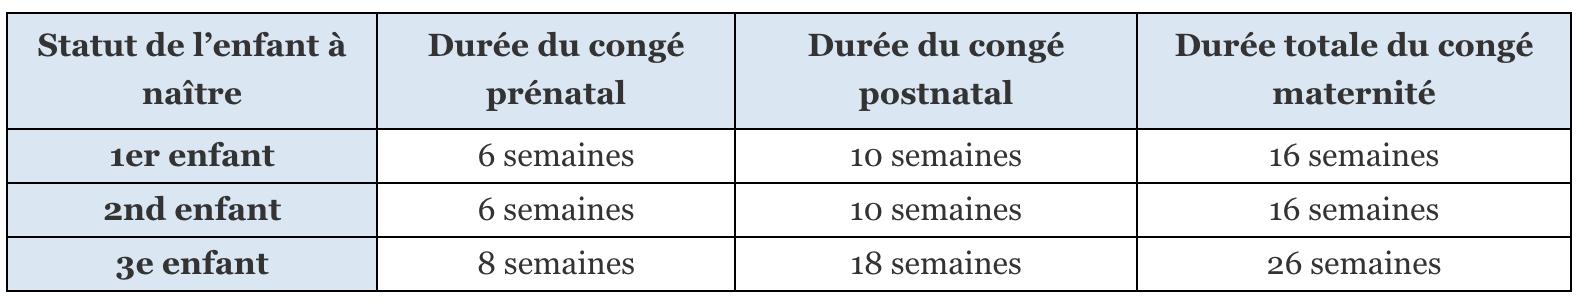 Durée du congé maternité selon le nombre d'enfants déjà à charge